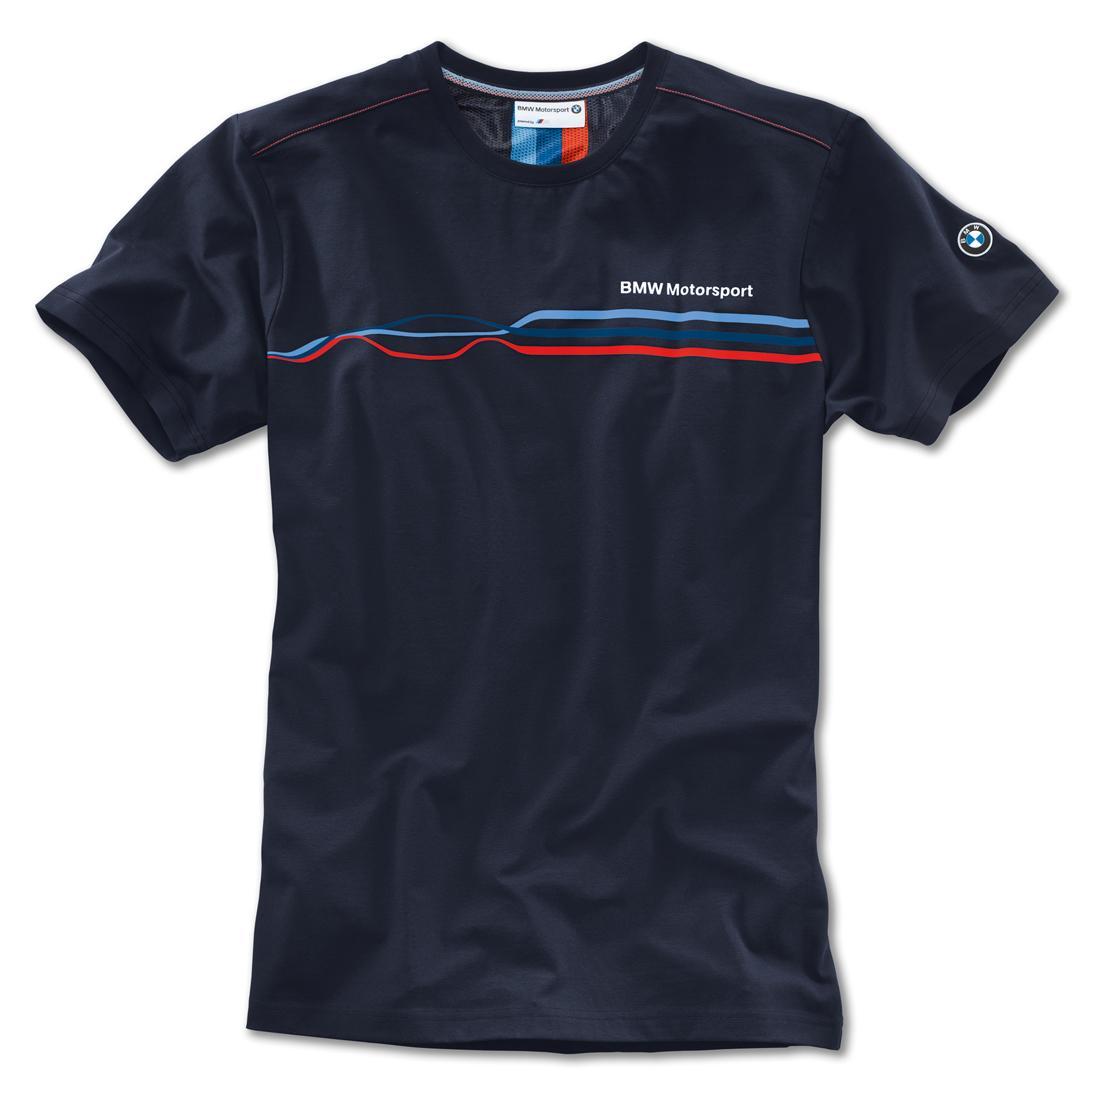 bmw motorsport men 39 s fashion t shirt. Black Bedroom Furniture Sets. Home Design Ideas